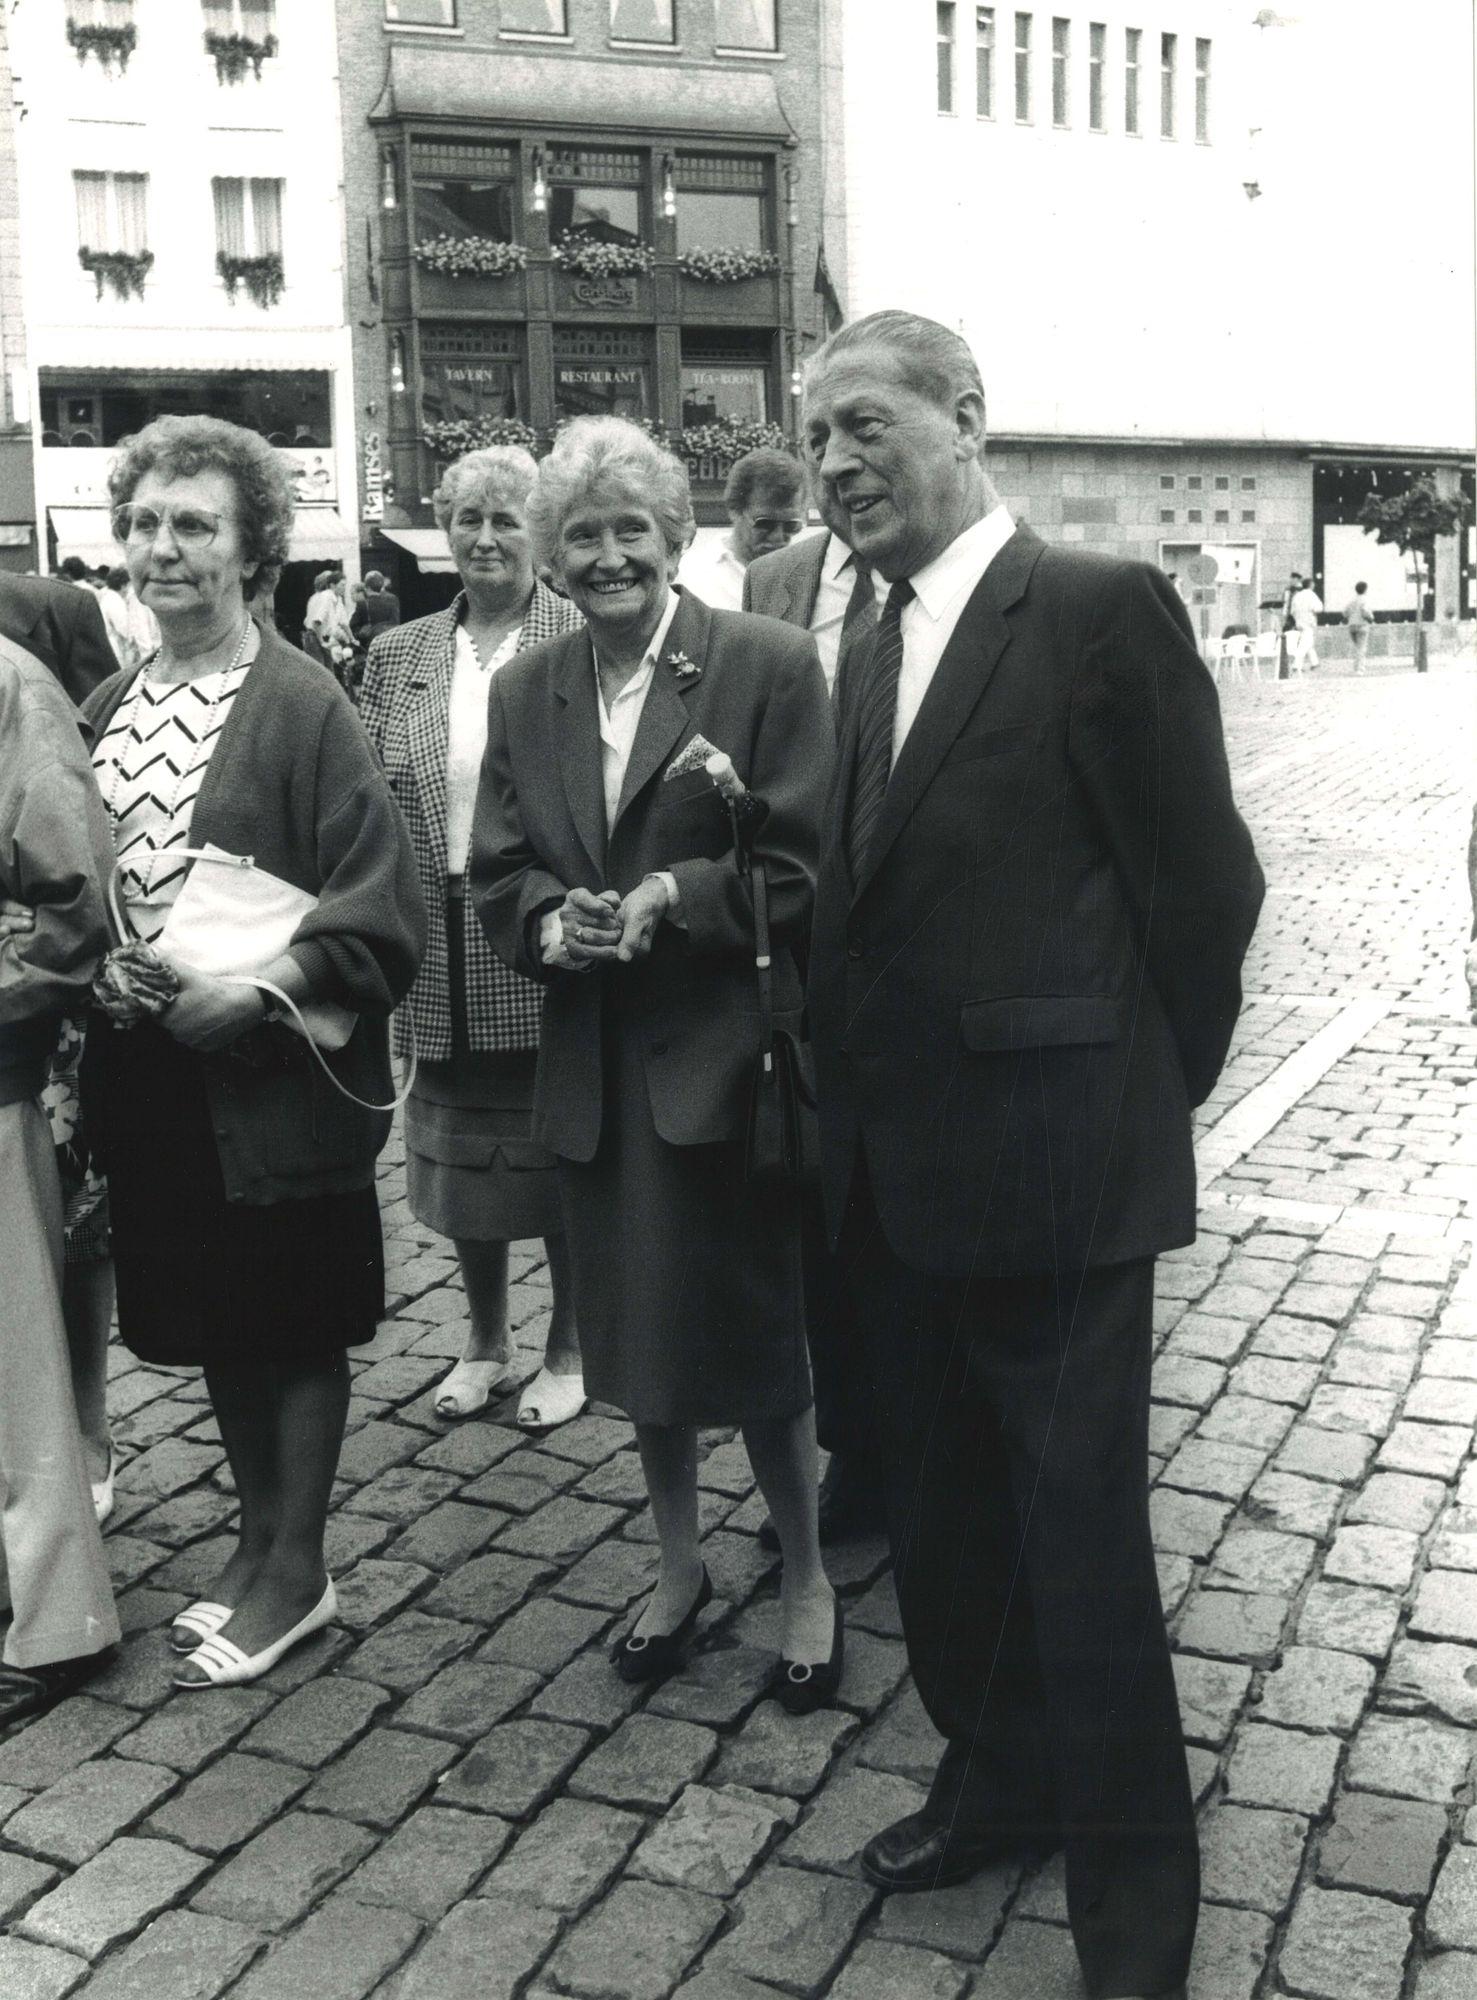 Burgemeester Lambrecht op de11 juli feesten 1989